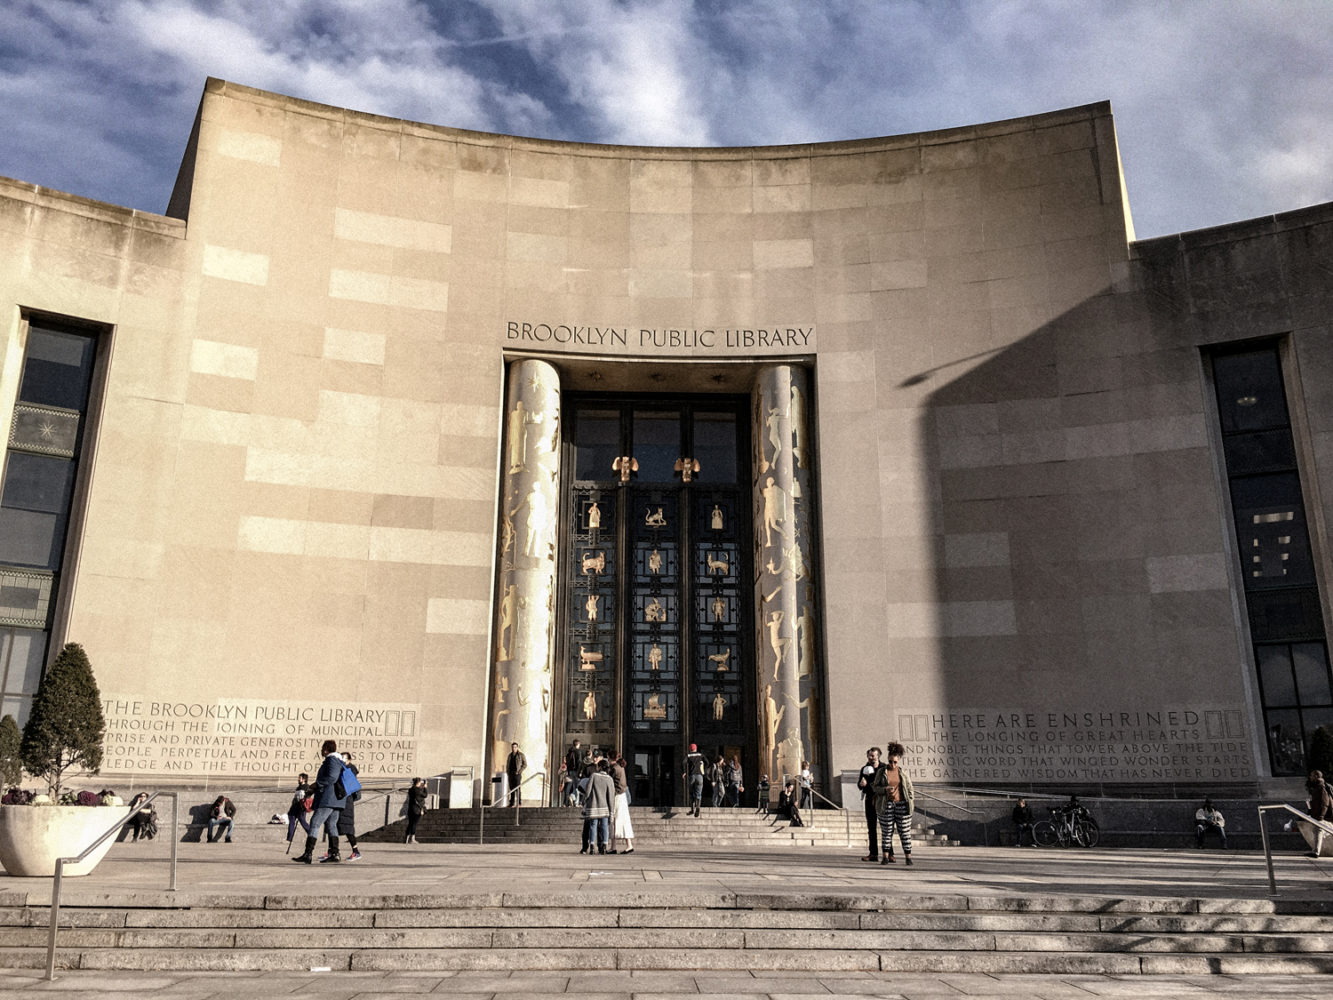 Façade de la bibliothèque publique de Brooklyn